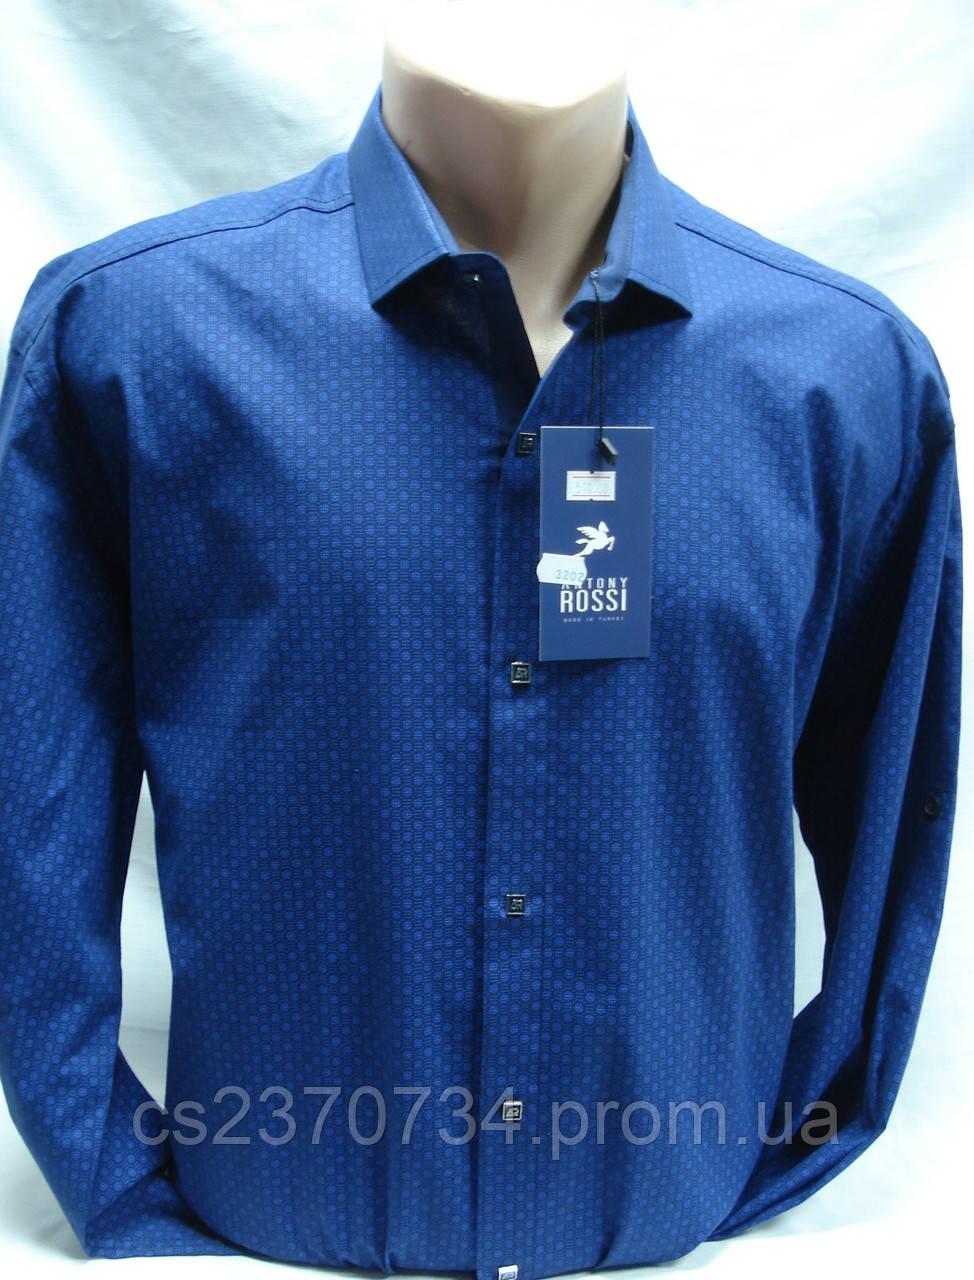 Рубашка мужская Antoni Rossi цвет синий в мелкий рисунок 4XL,5XL,6XL,7XL